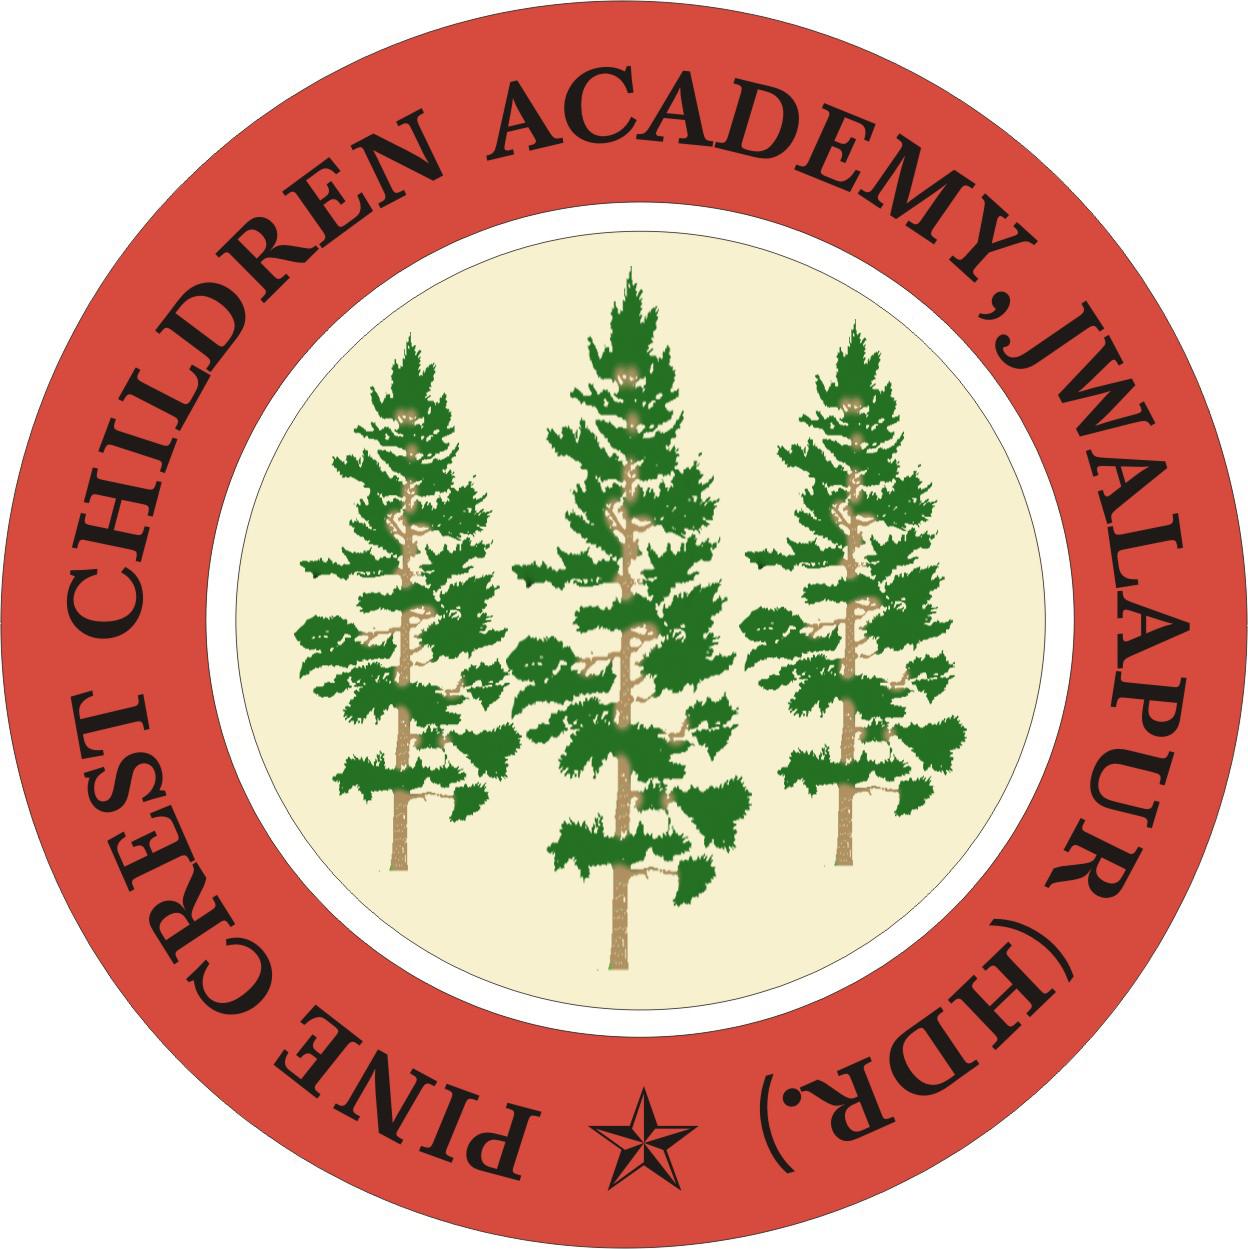 Pine Crest Children Academy - logo